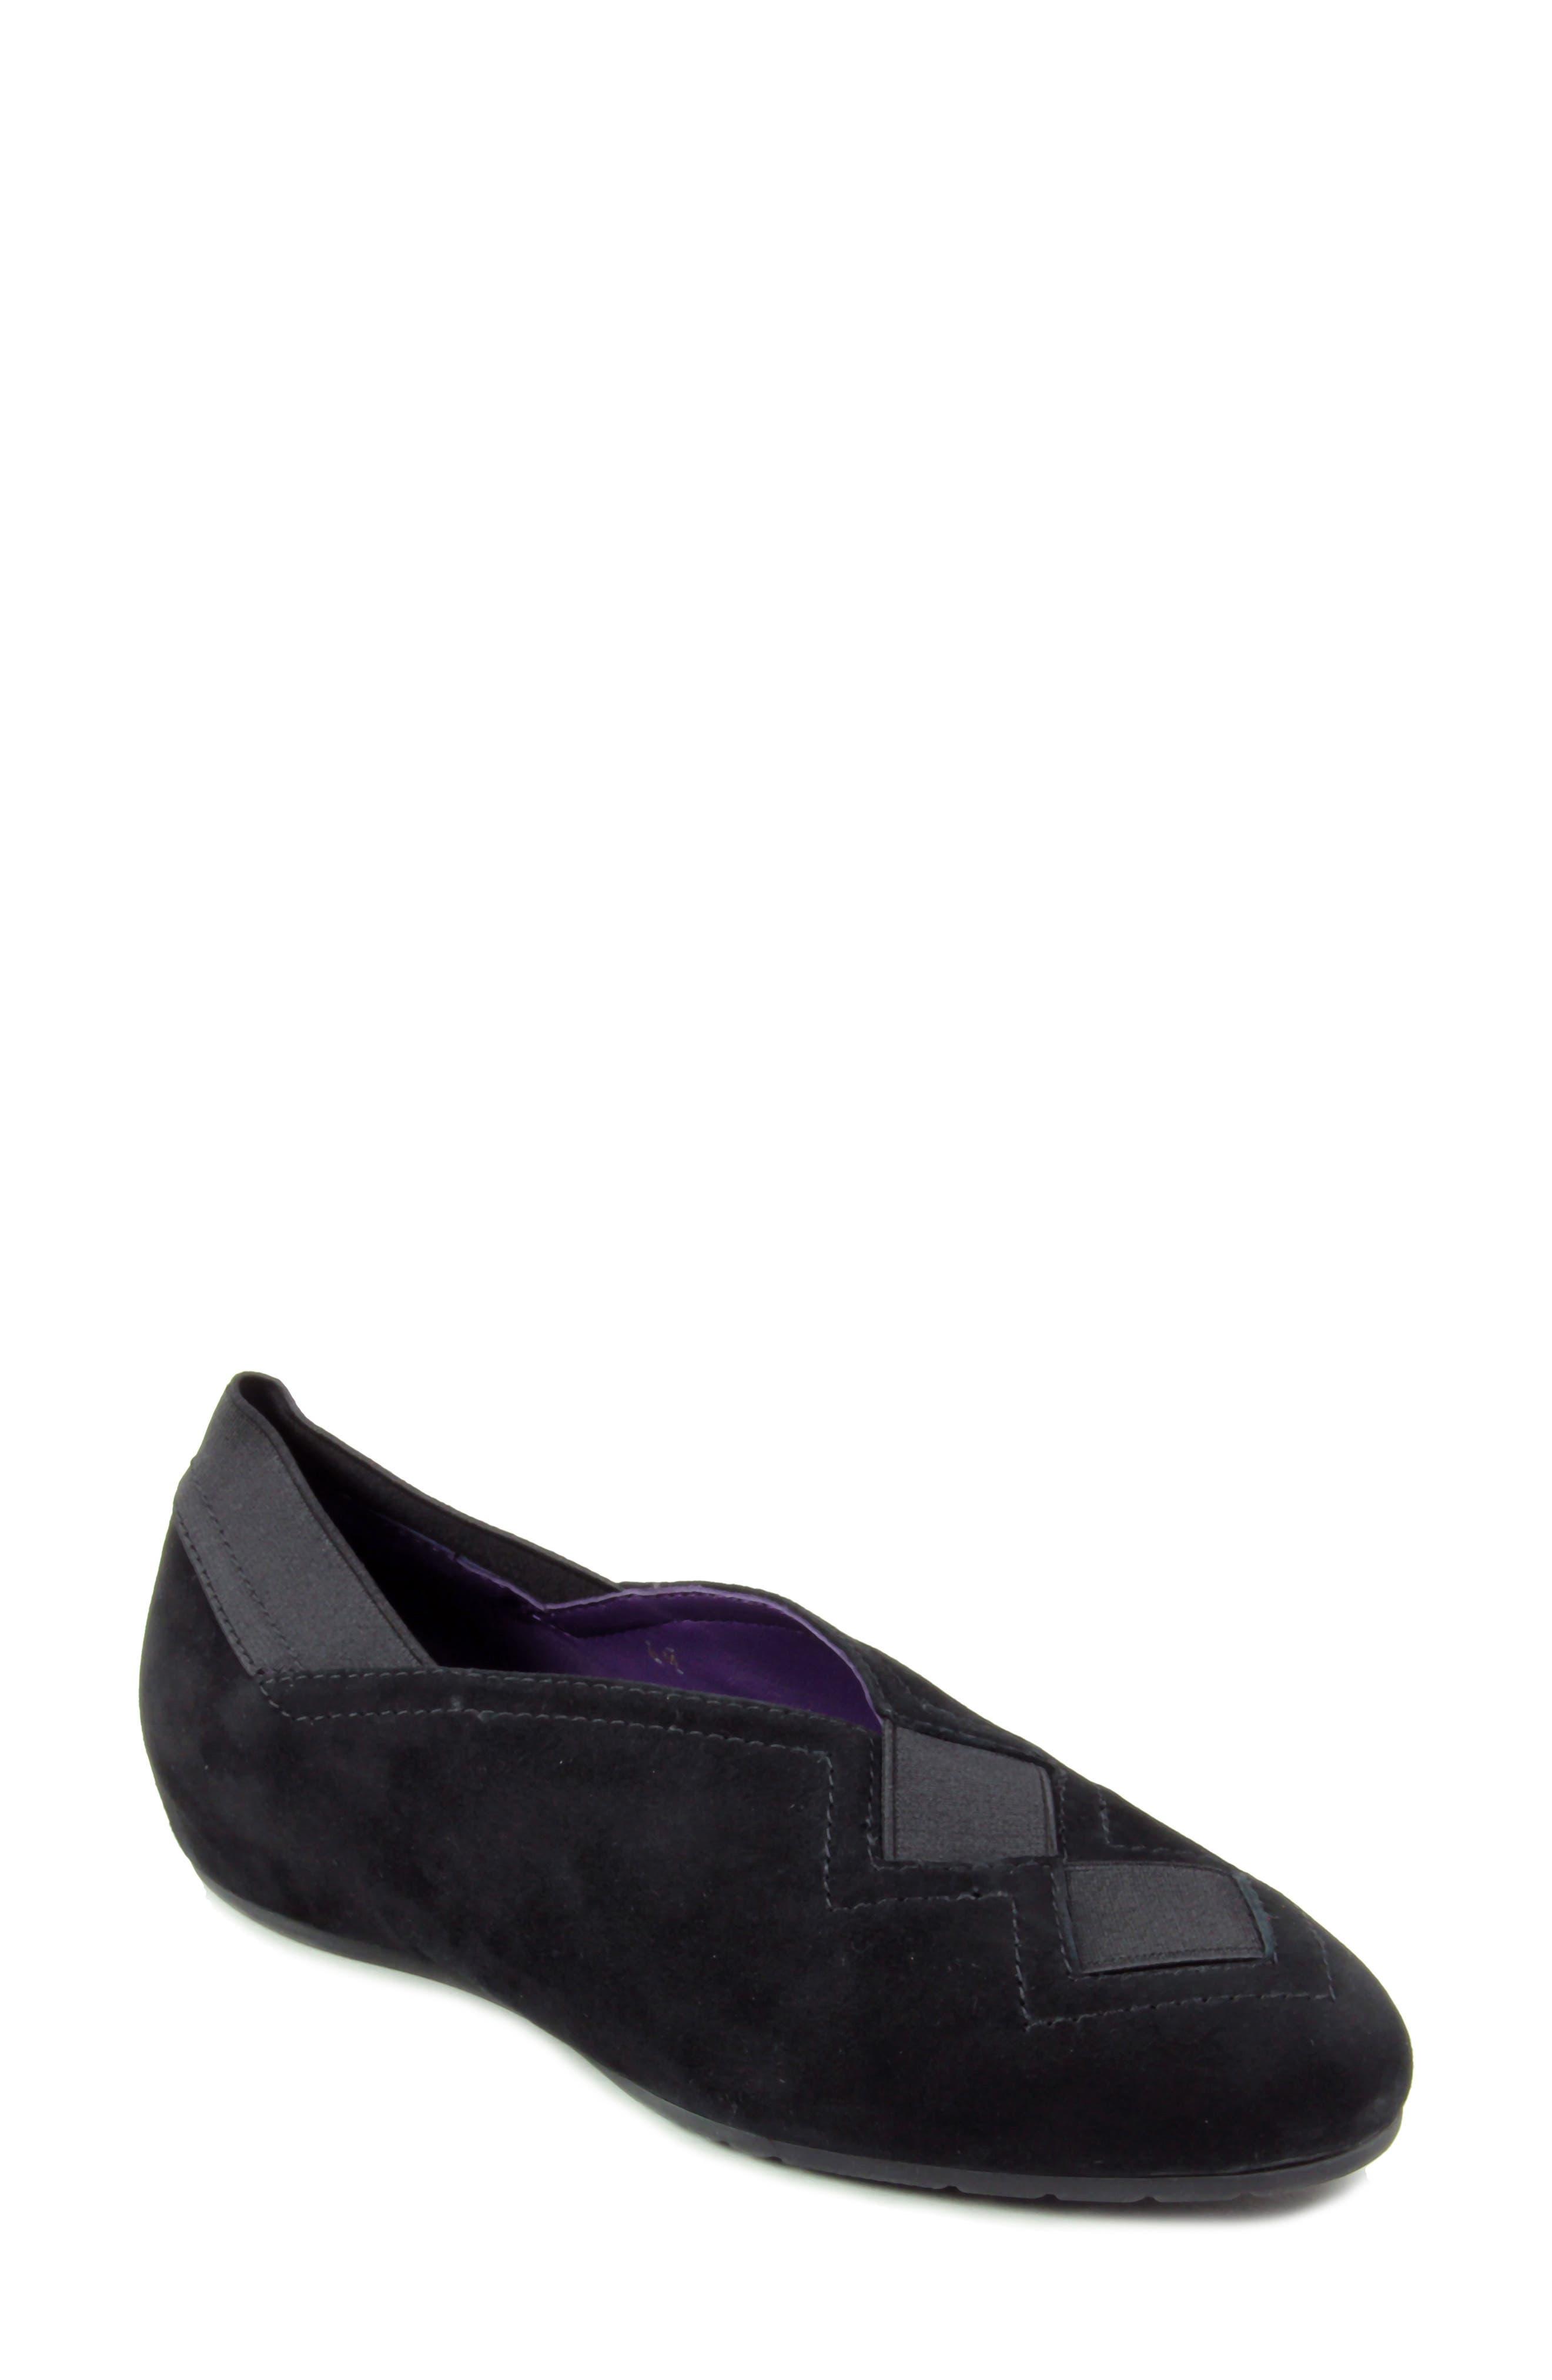 Vaneli Pandy Hidden Wedge Shoe- Black